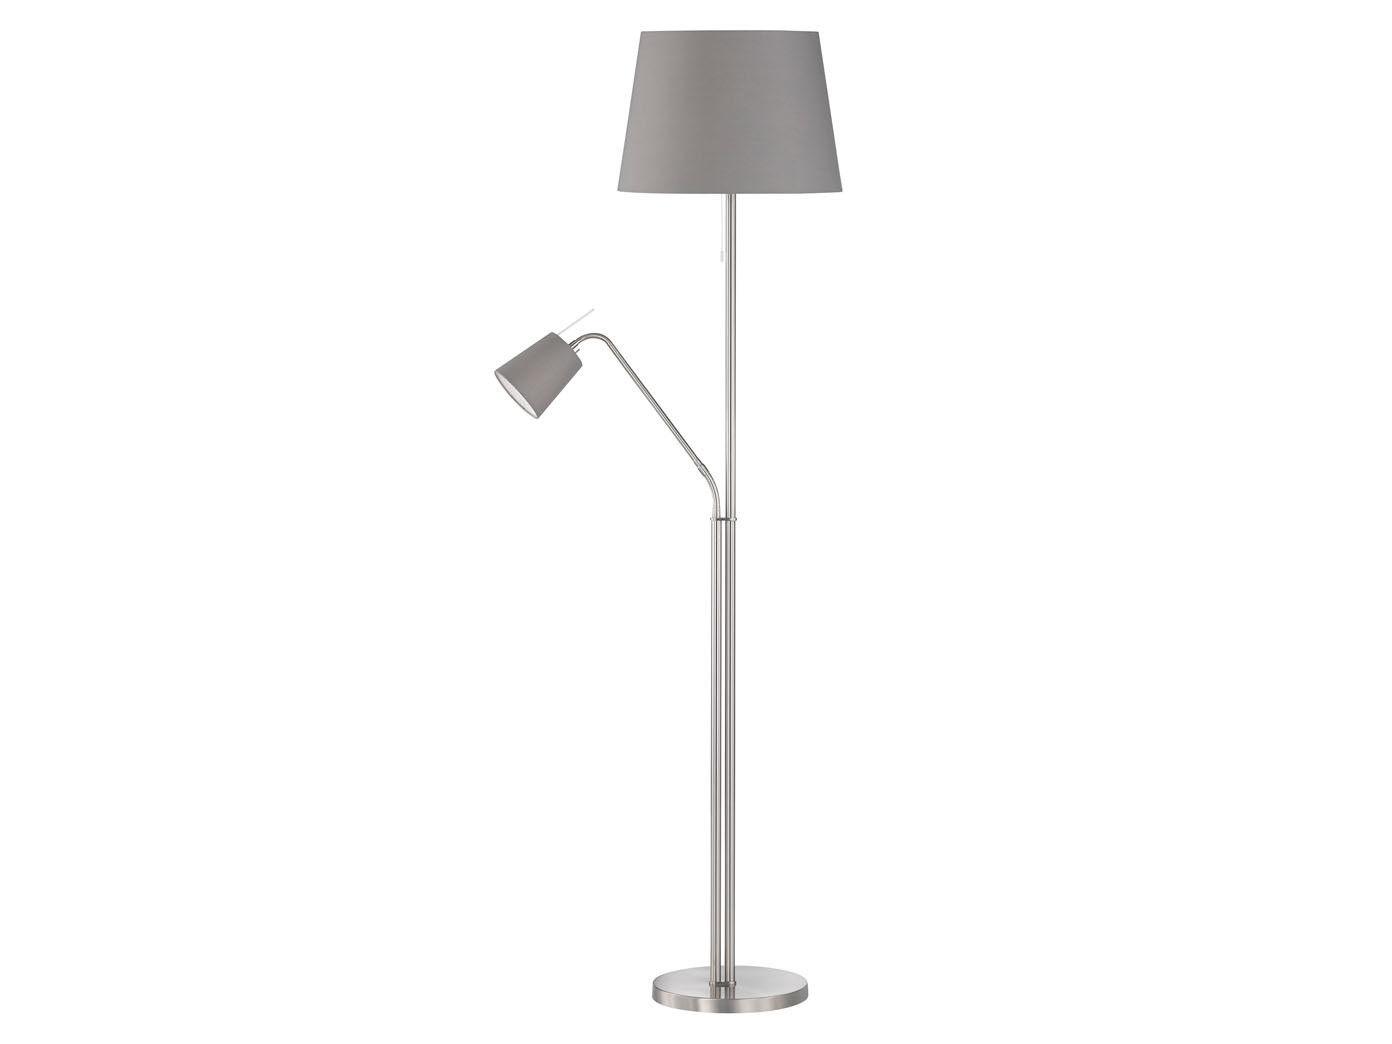 Full Size of Wohnzimmer Lampe Stehend Klein Holz Led Ikea Stehlampen Mehr Als 5000 Angebote Deckenlampe Bad Gardine Heizkörper Vorhänge Deckenleuchte Vorhang Tisch Wohnzimmer Wohnzimmer Lampe Stehend